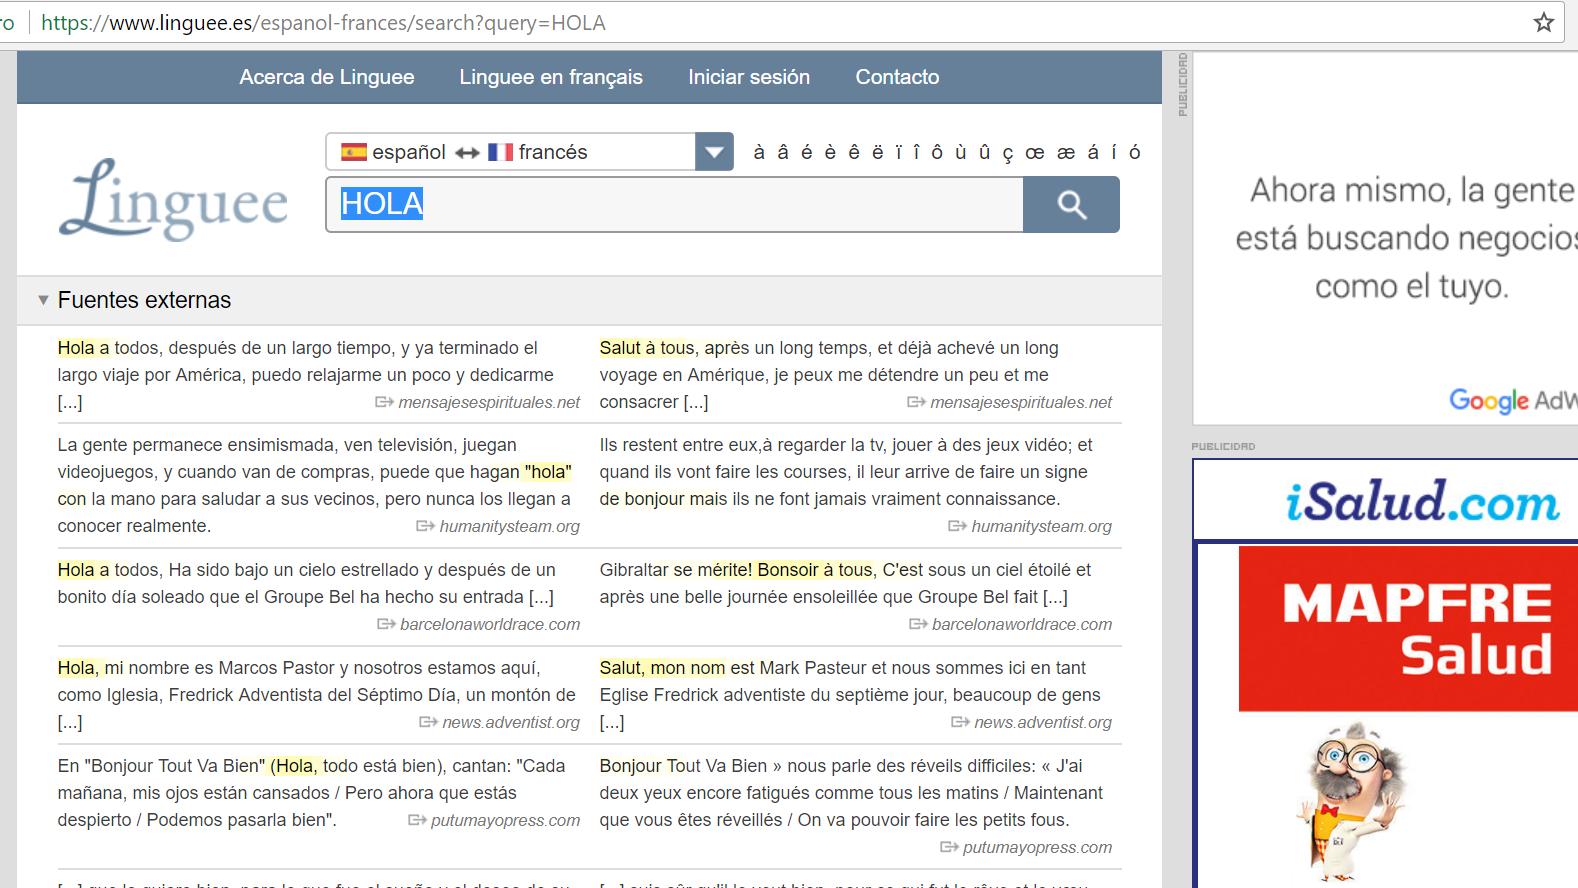 diccionario online y comparador de webs traducidas: linguee